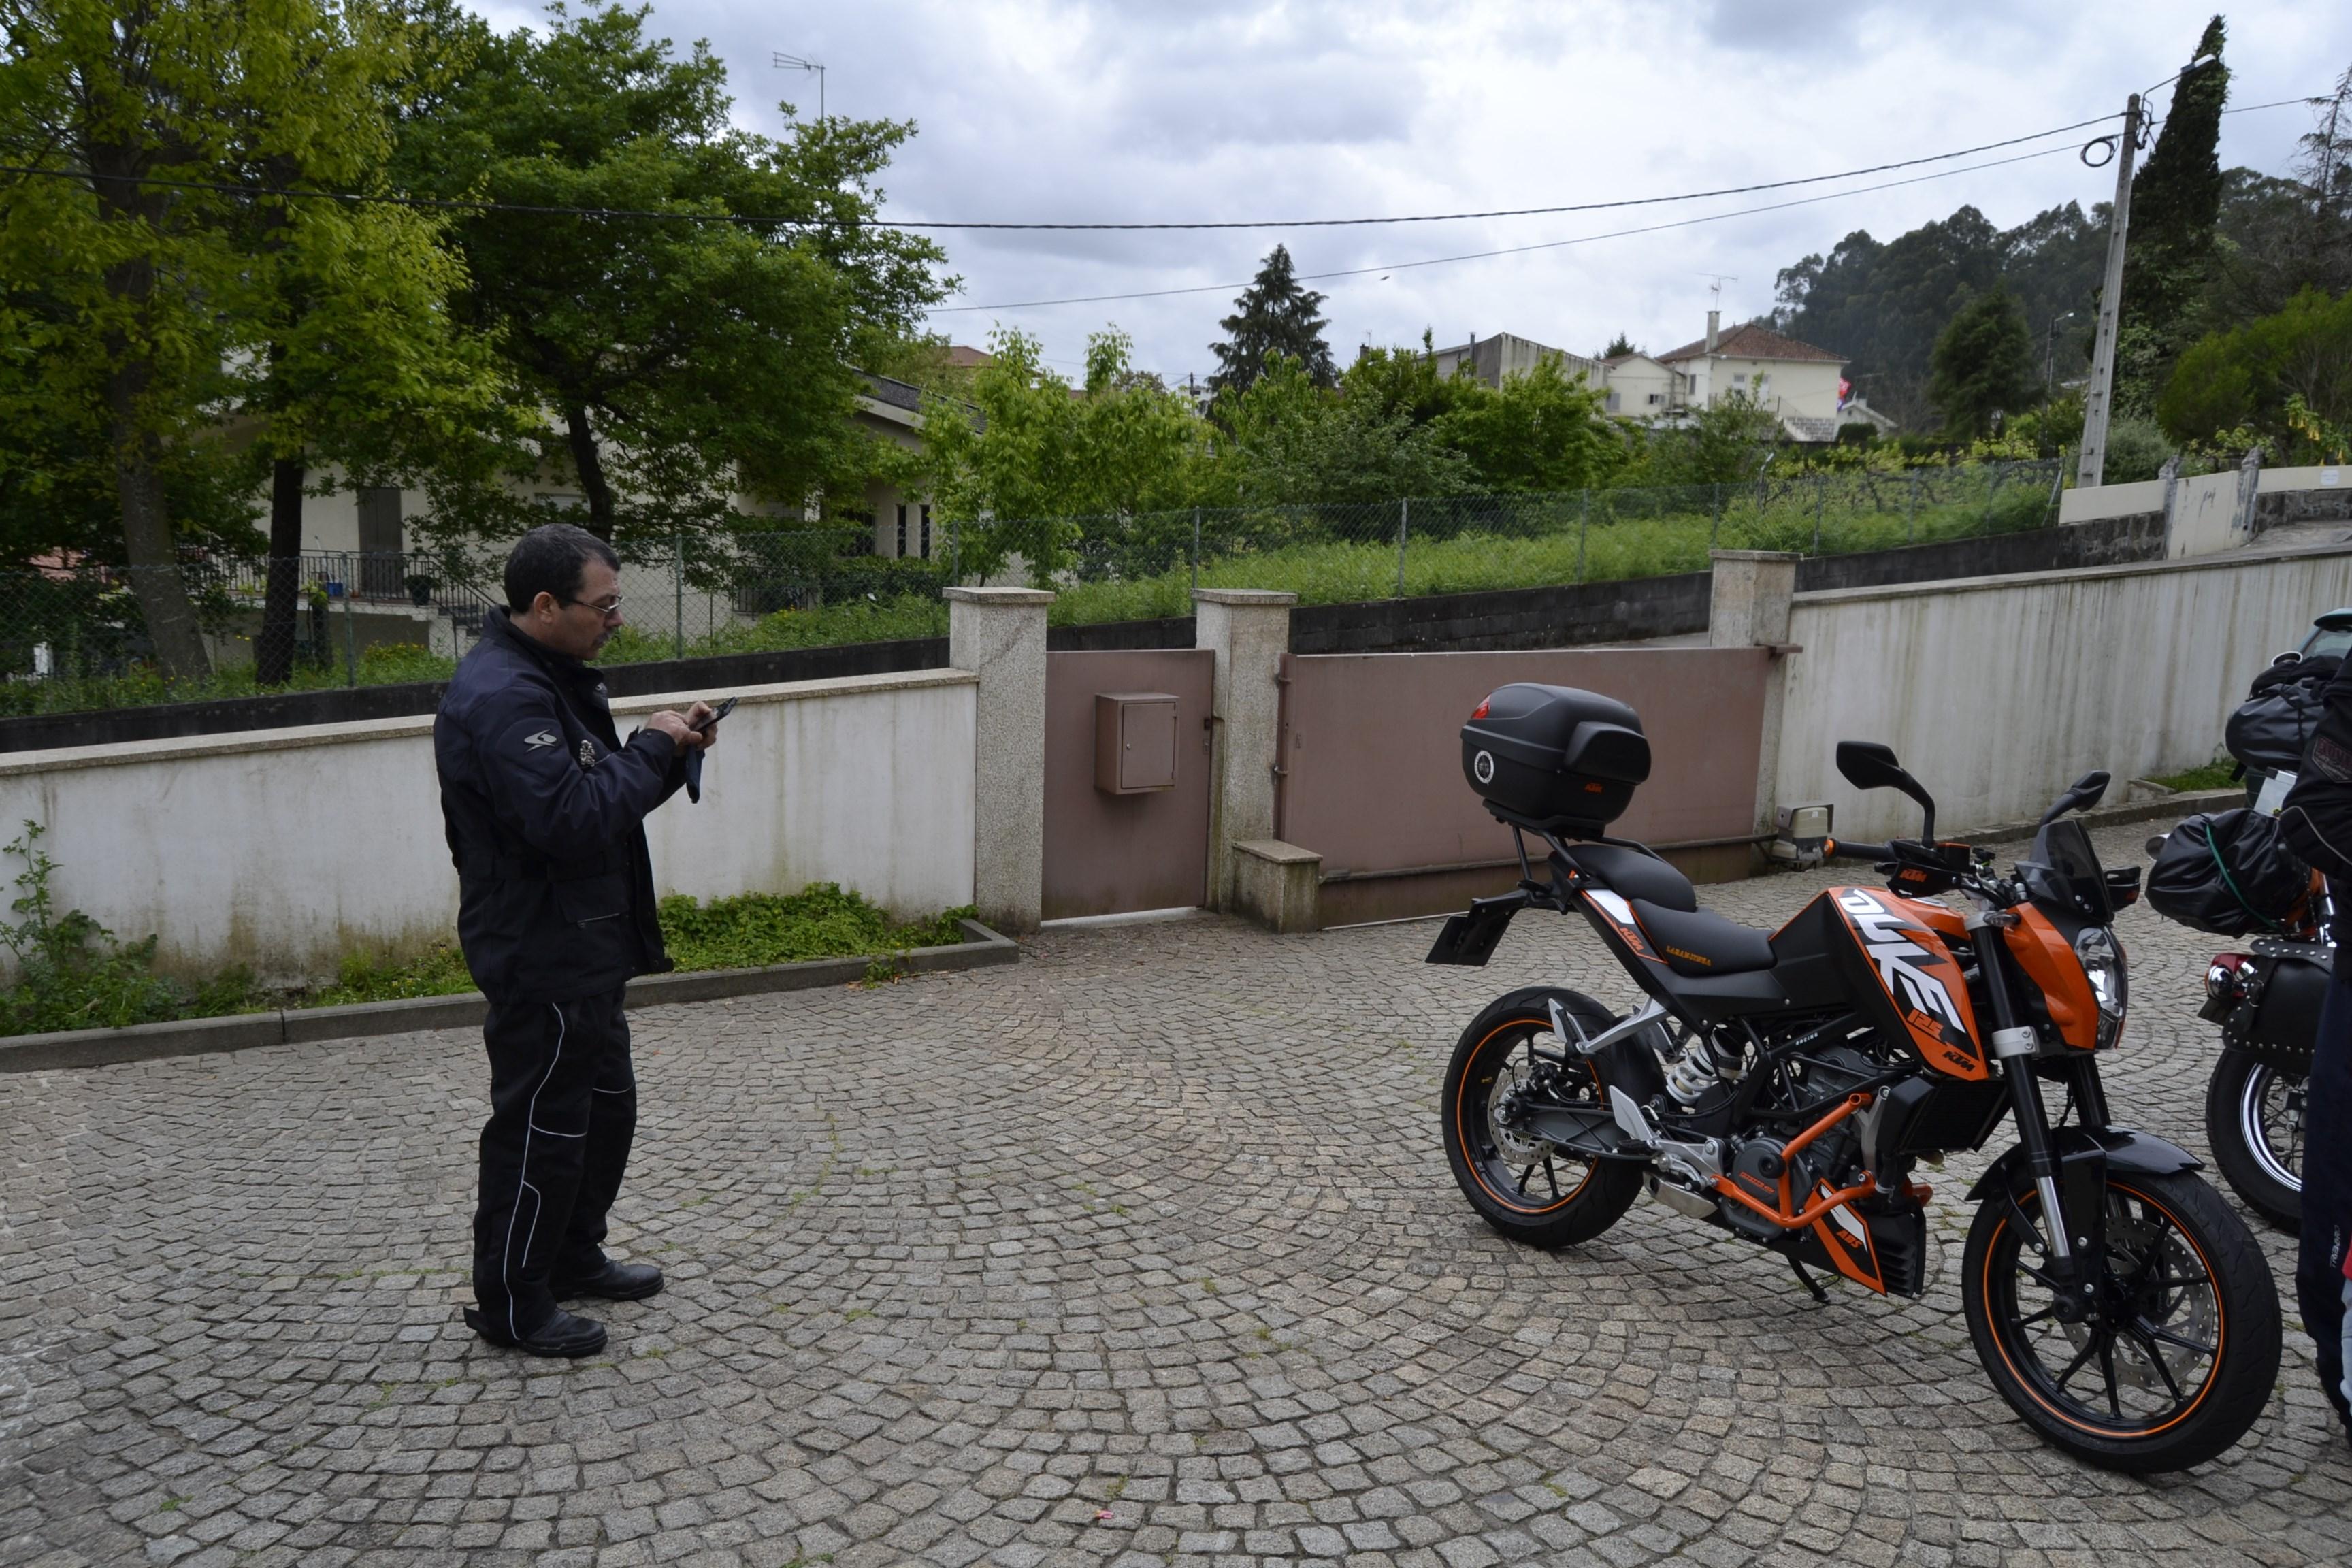 Dia do Motociclista - Viana do Castelo - 27.Abril.2014 - Página 6 14059268731_7f3ce2040b_o